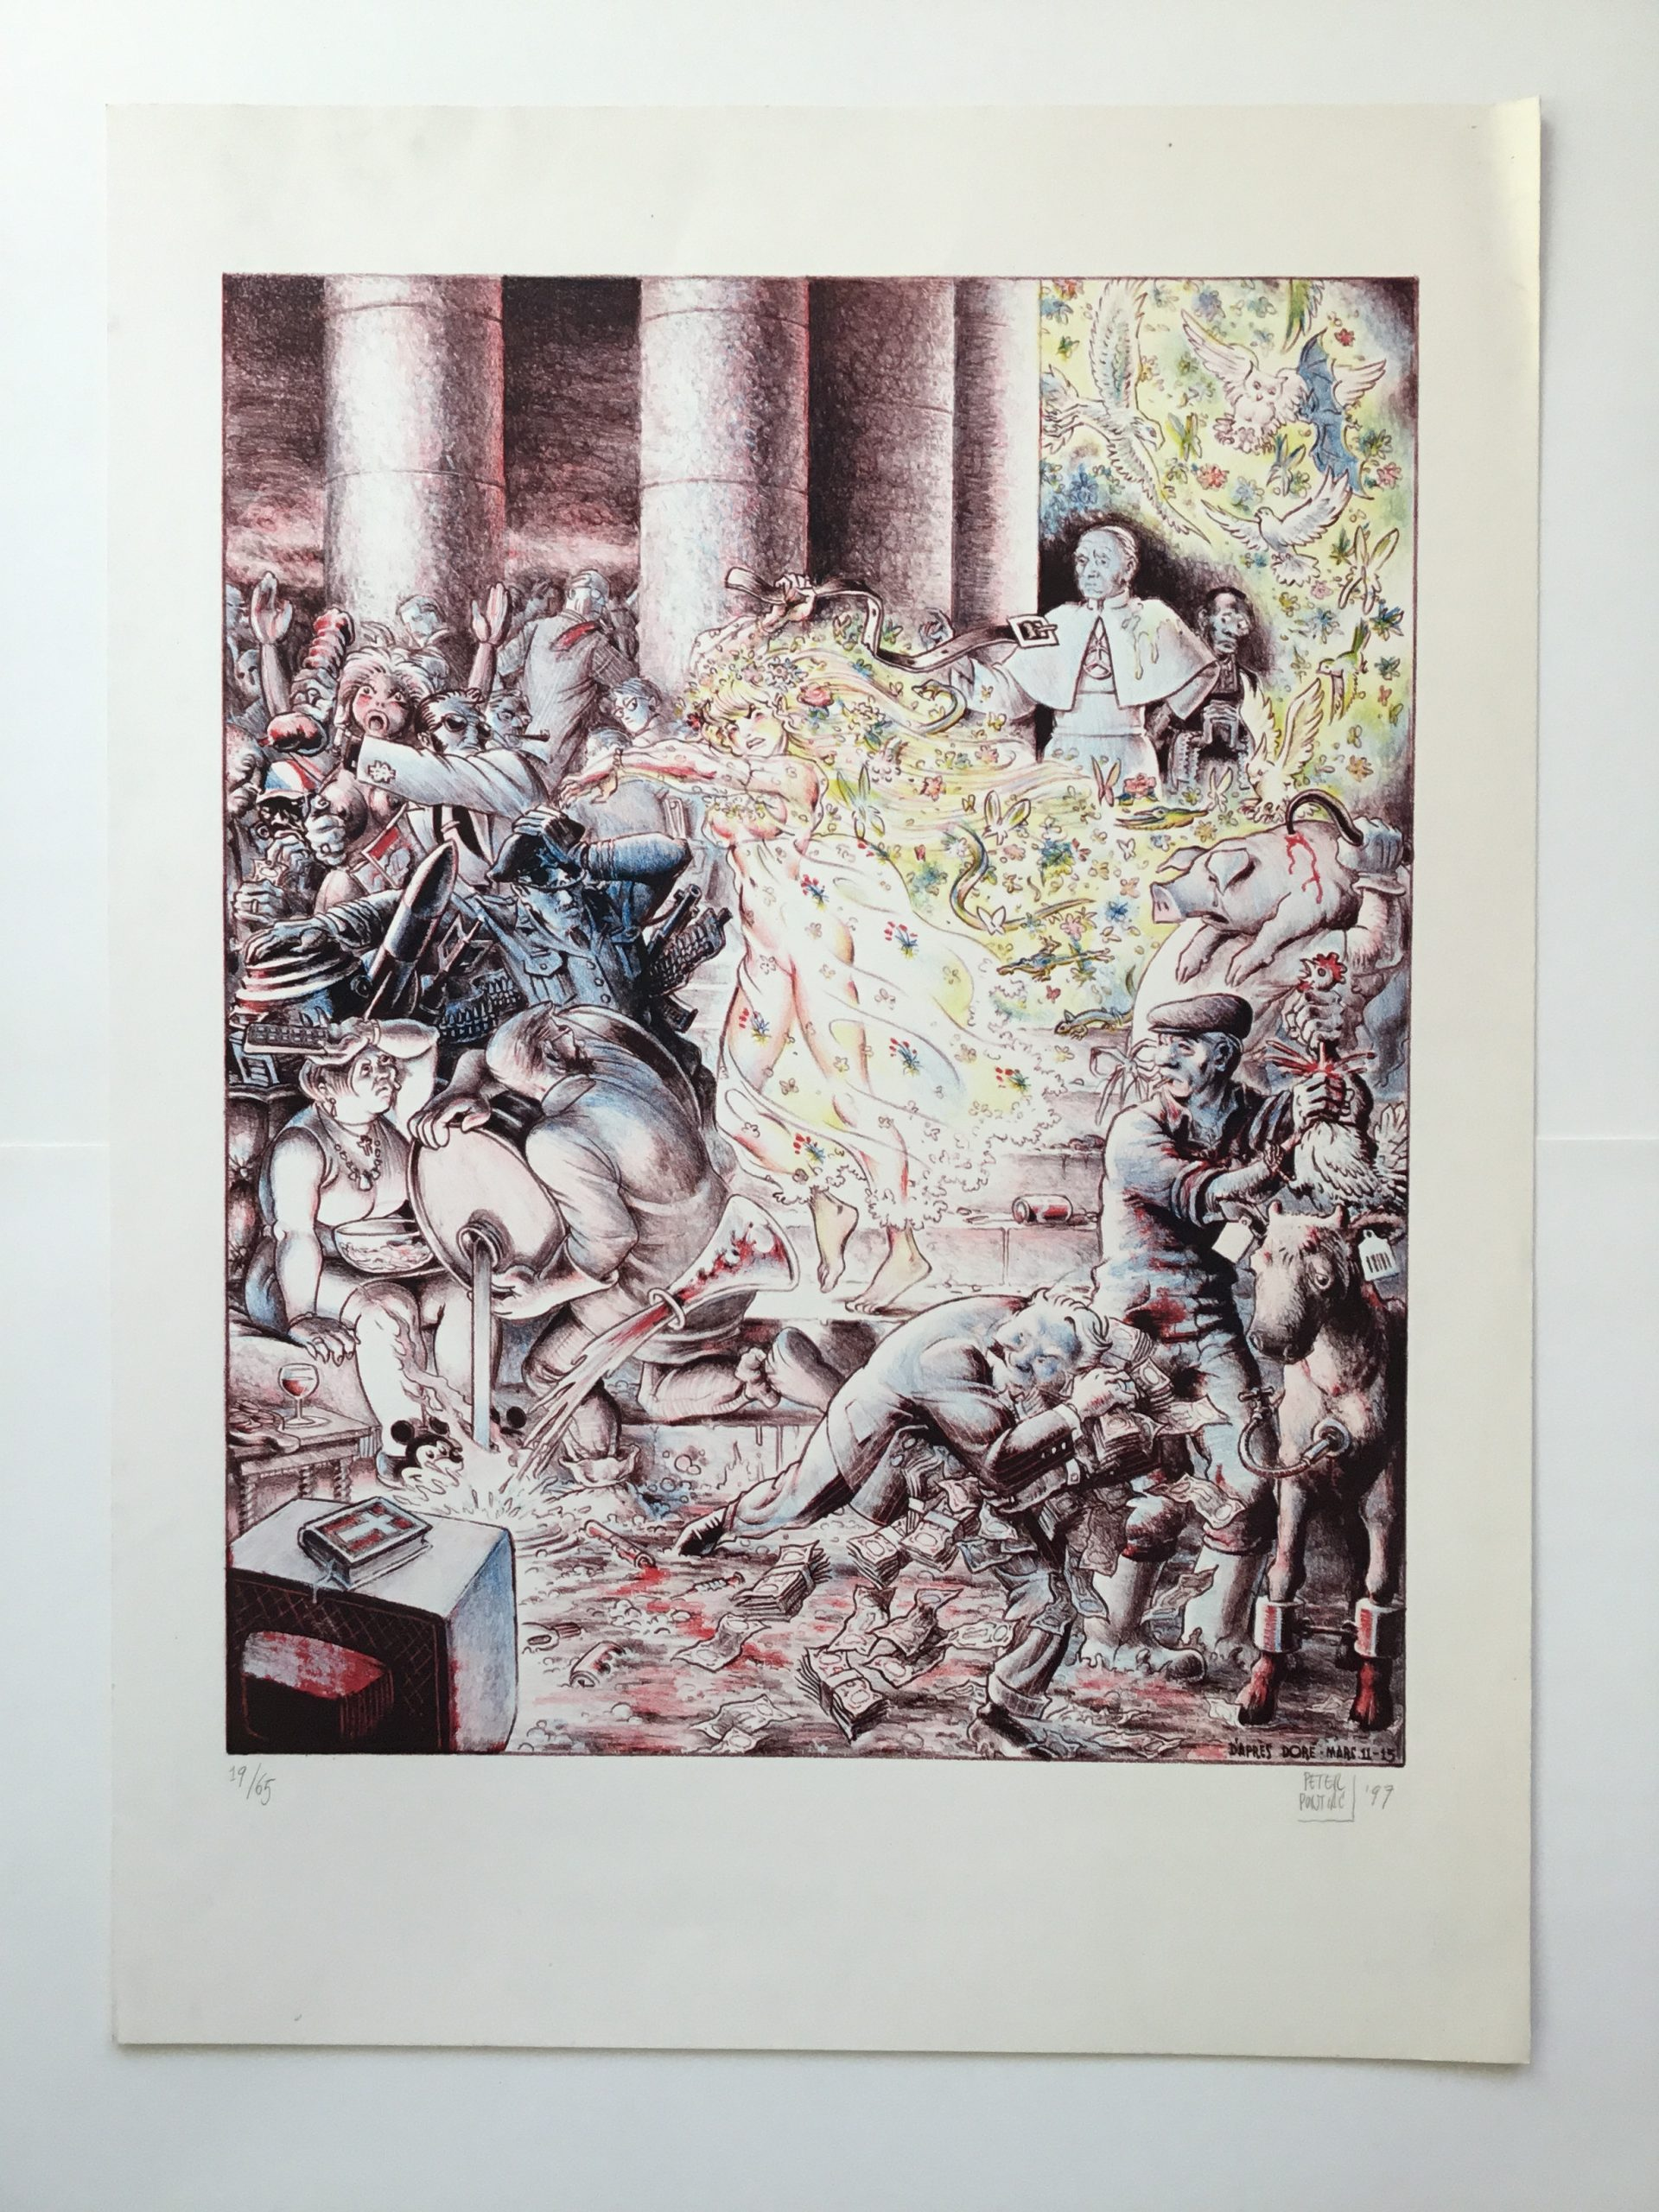 Jezus verdrijft de kooplieden uit de tempel (naar Doré)